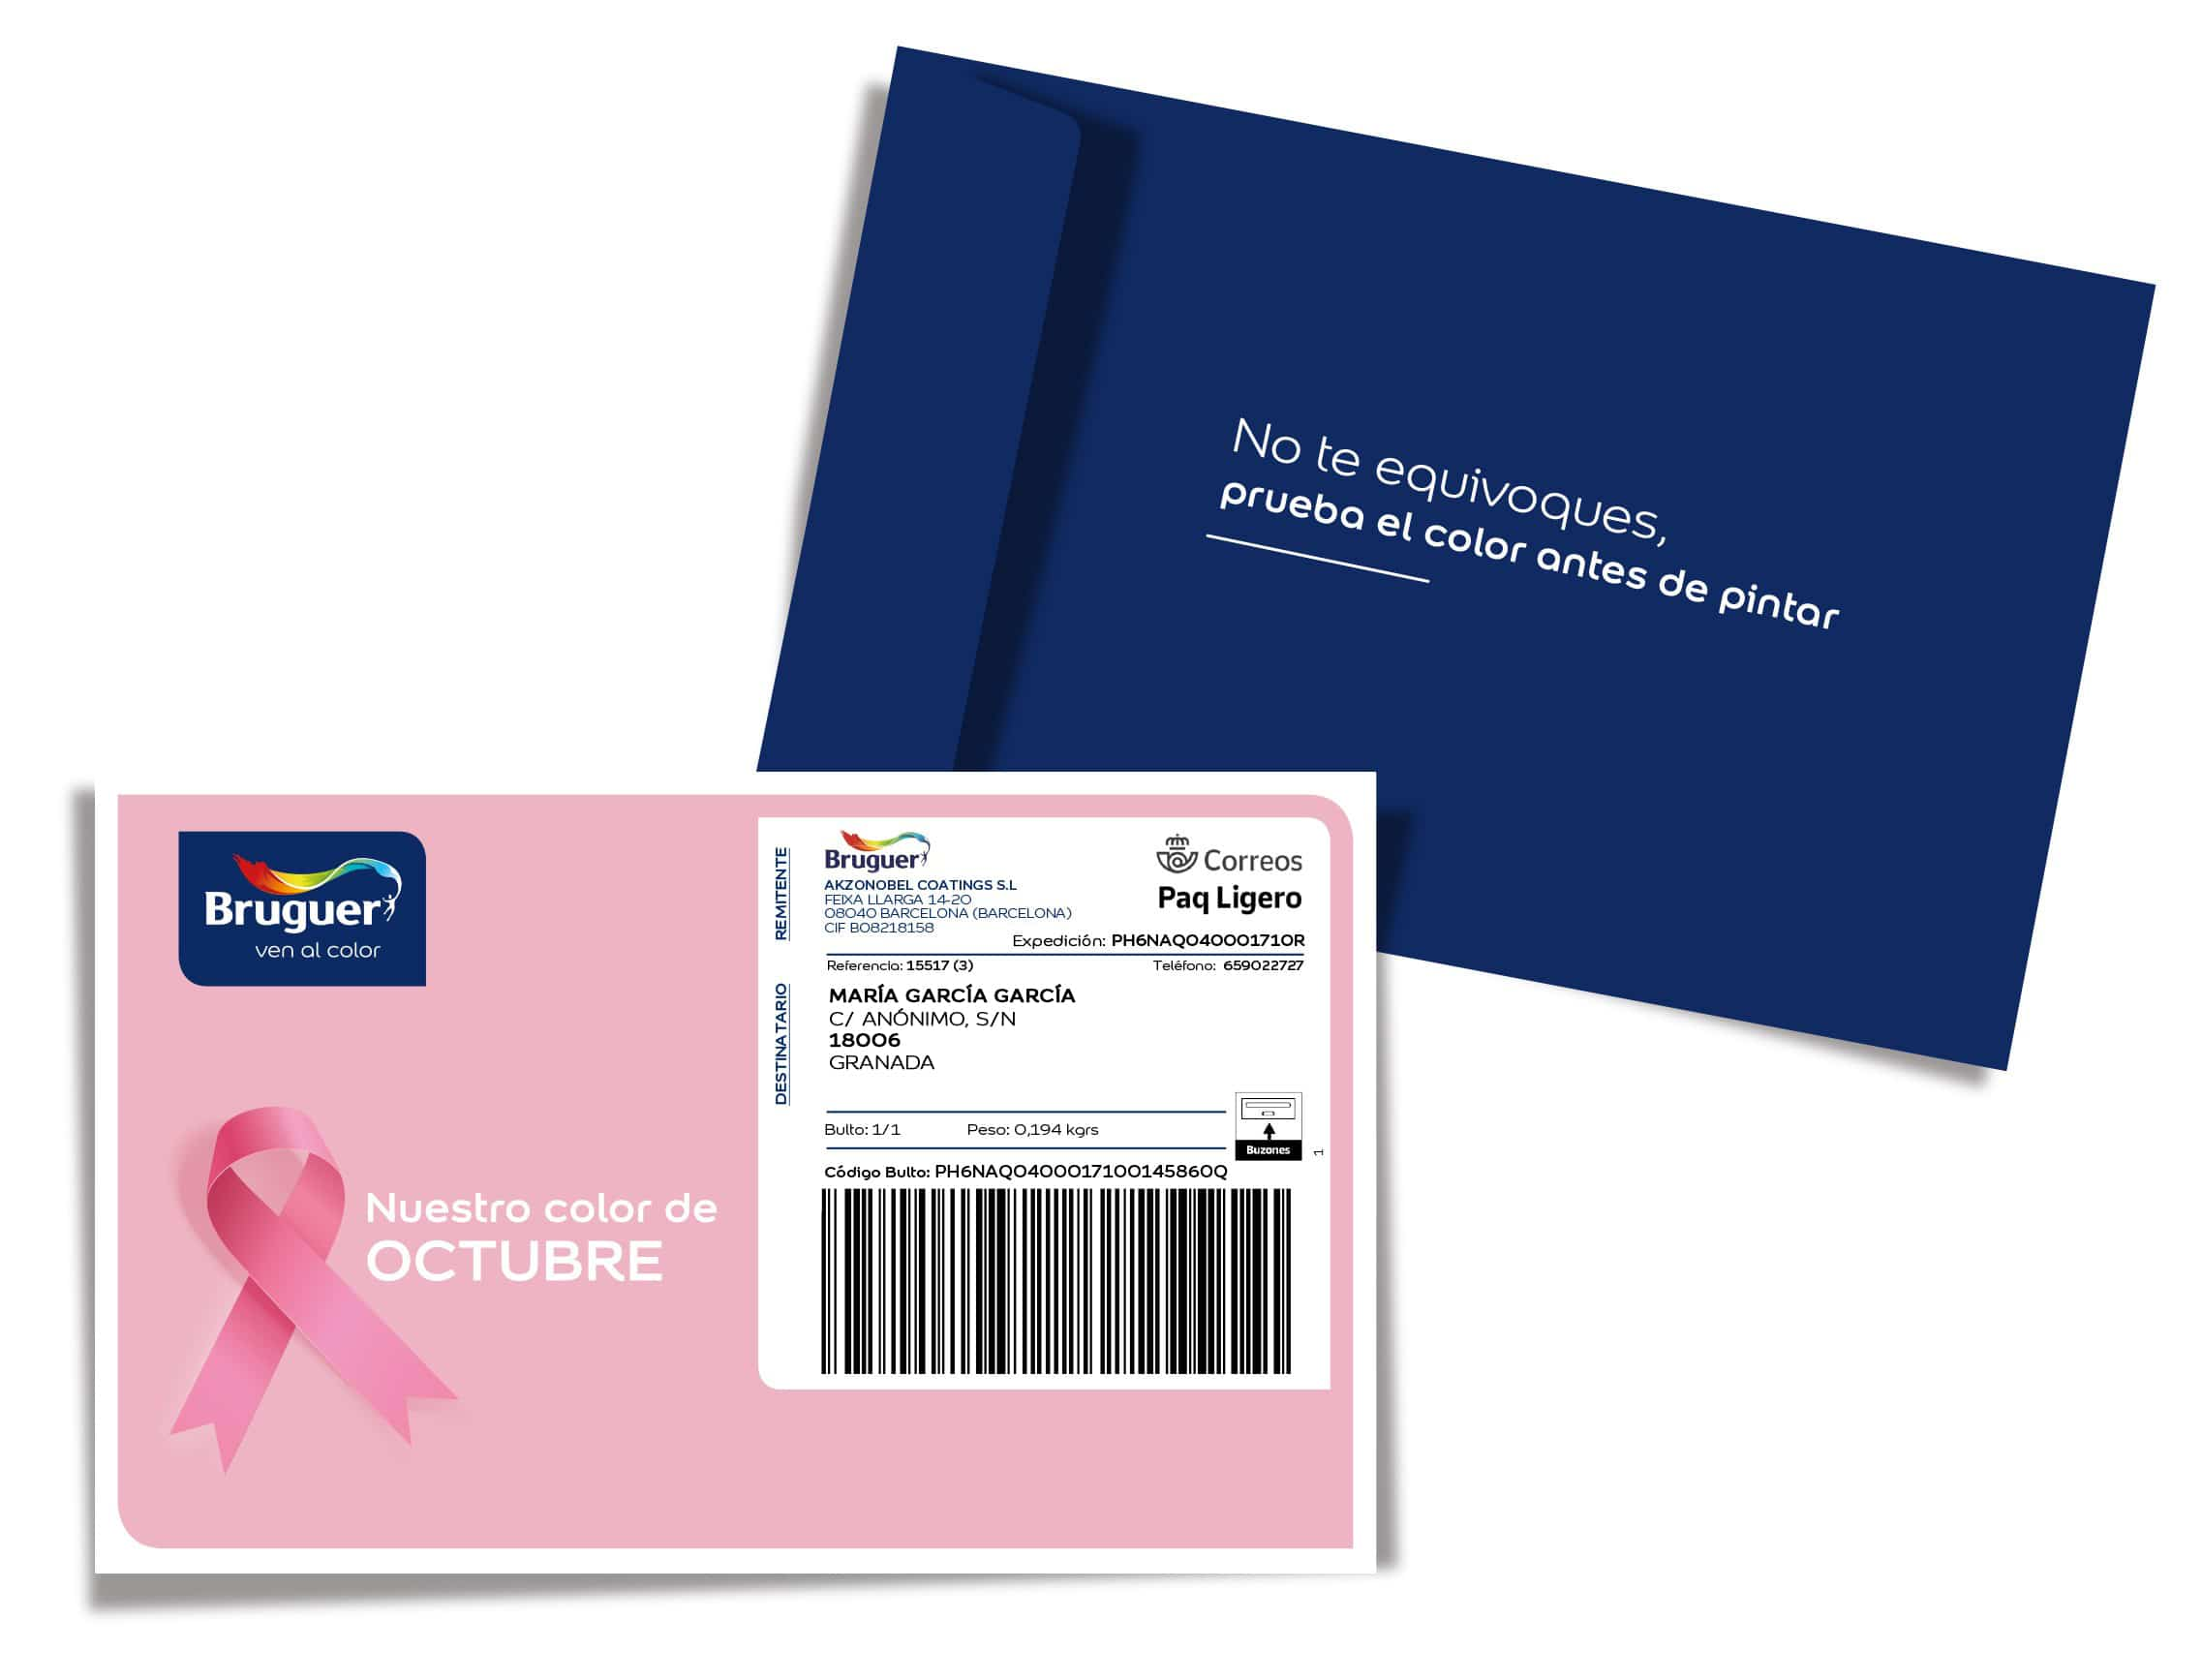 Bruguer se suma al rosa para apoyar la lucha contra el cáncer de mama 3